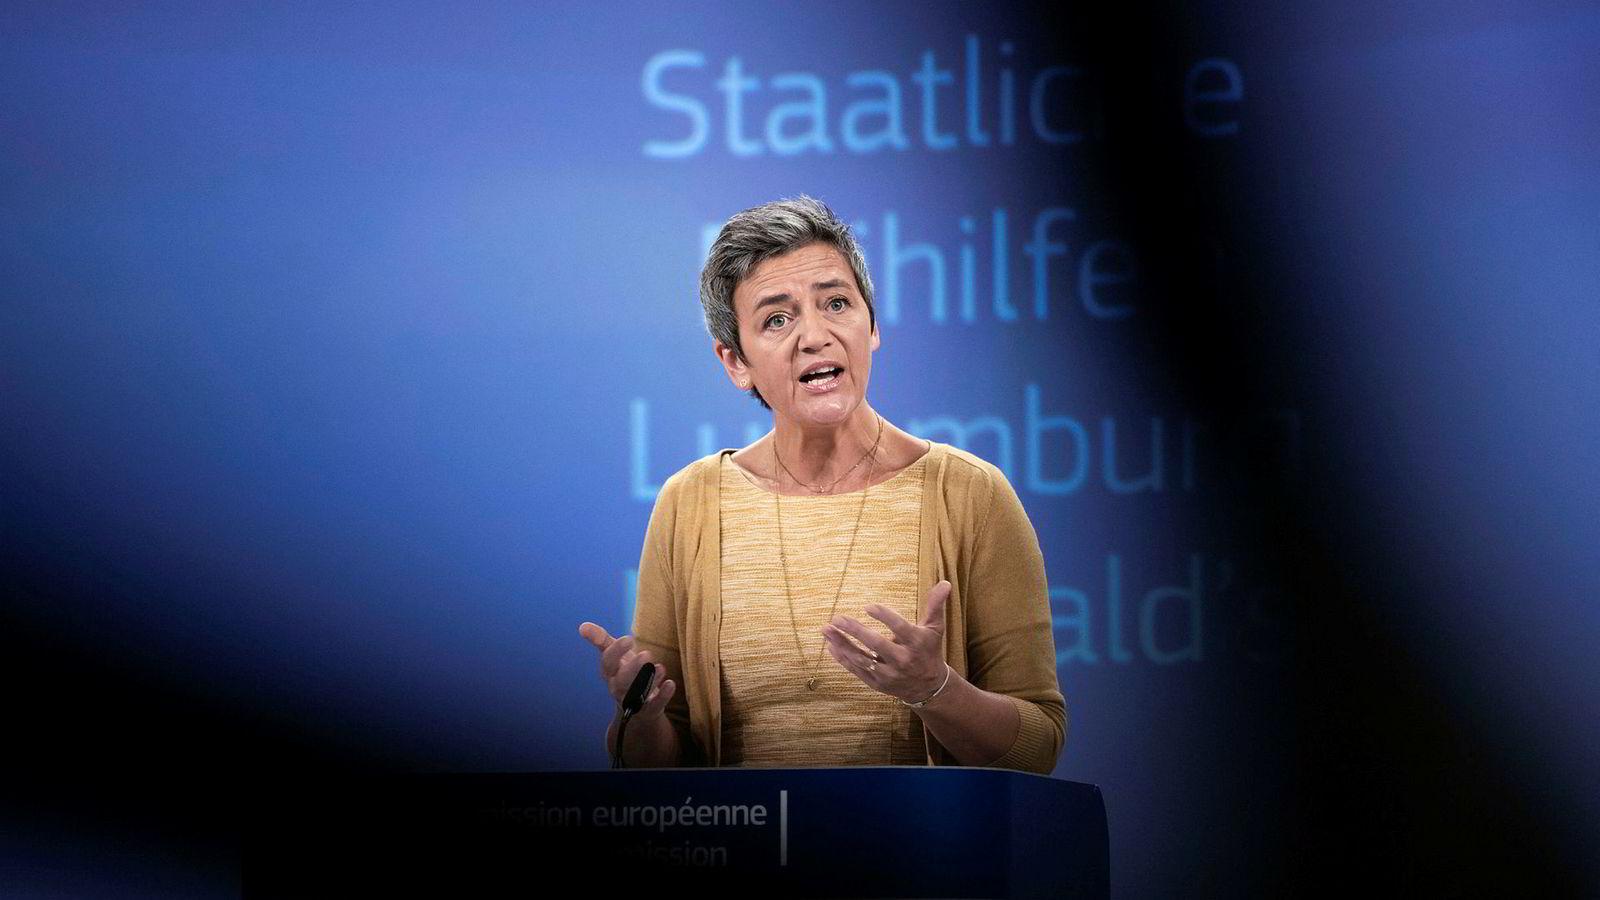 Margrethe Vestager (50) er EUs konkurransekommissær og tidligere dansk statsråd for det liberale partiet Radikale Venstre. Vestager er Emmanuel Macrons favorittkandidat til jobben.